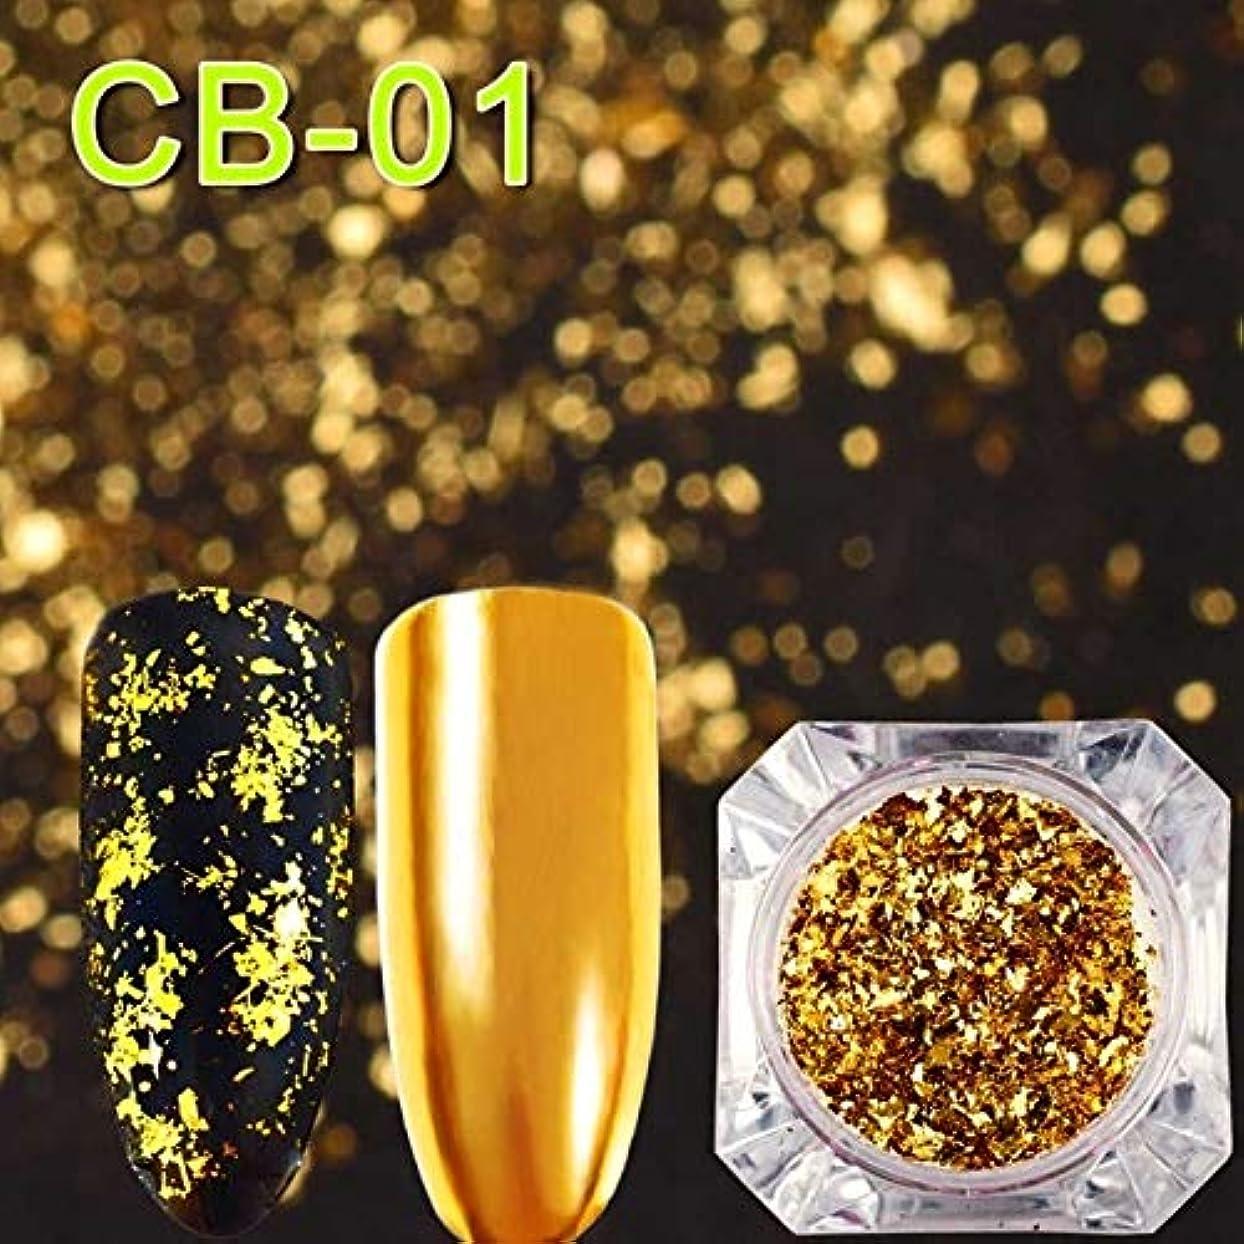 シュート柔和キロメートルCELINEZL CELINEZL 3 PCSマジックミラーカメレオングリッターネイルフレークスパンコール不規則なネイルデコレーション(CB01) (色 : CB01)